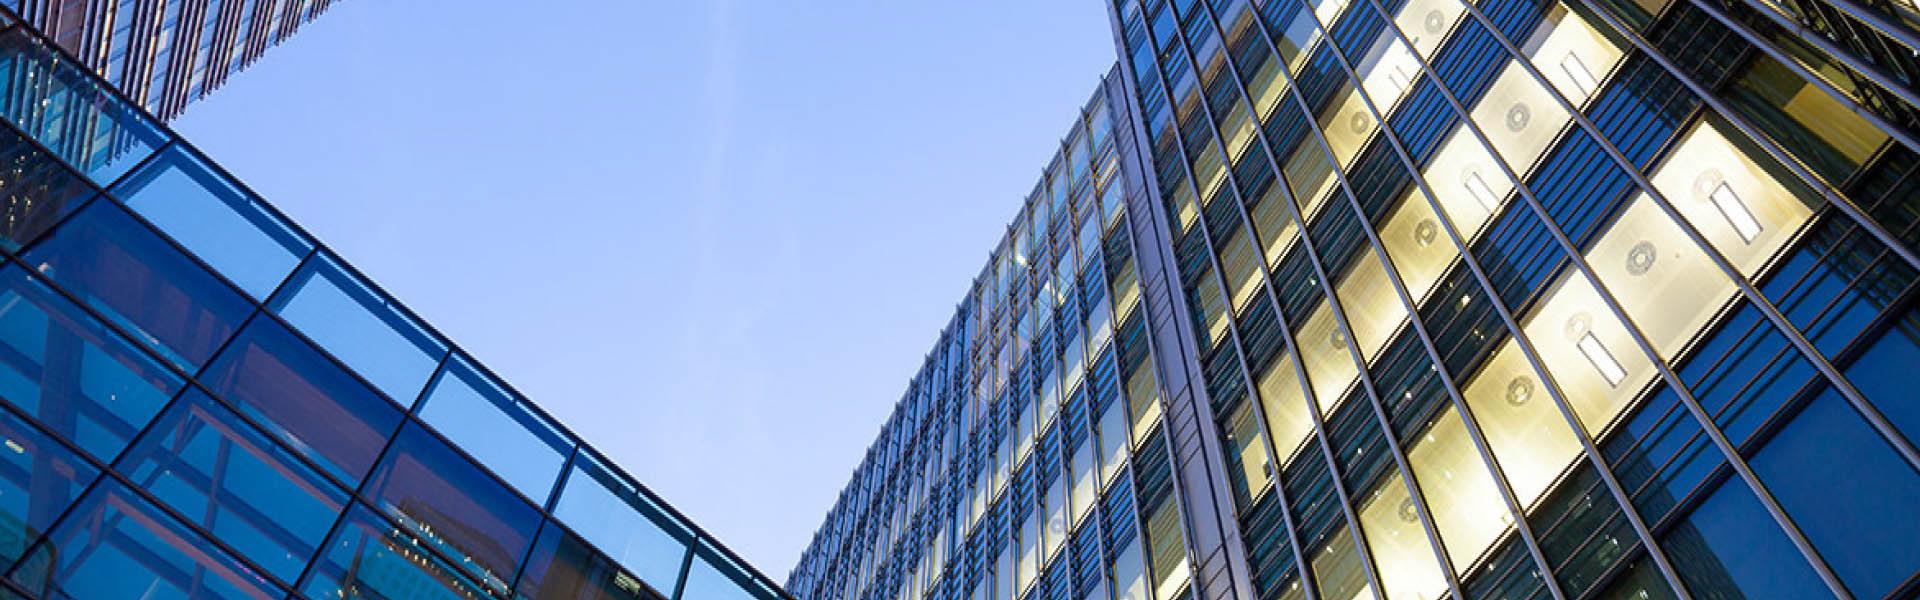 Spécialiste de l'électricité du bâtiment, GOUNOT vous propose de l'installation et de la location de matériel depuis plus de 40 ans d'expérience.